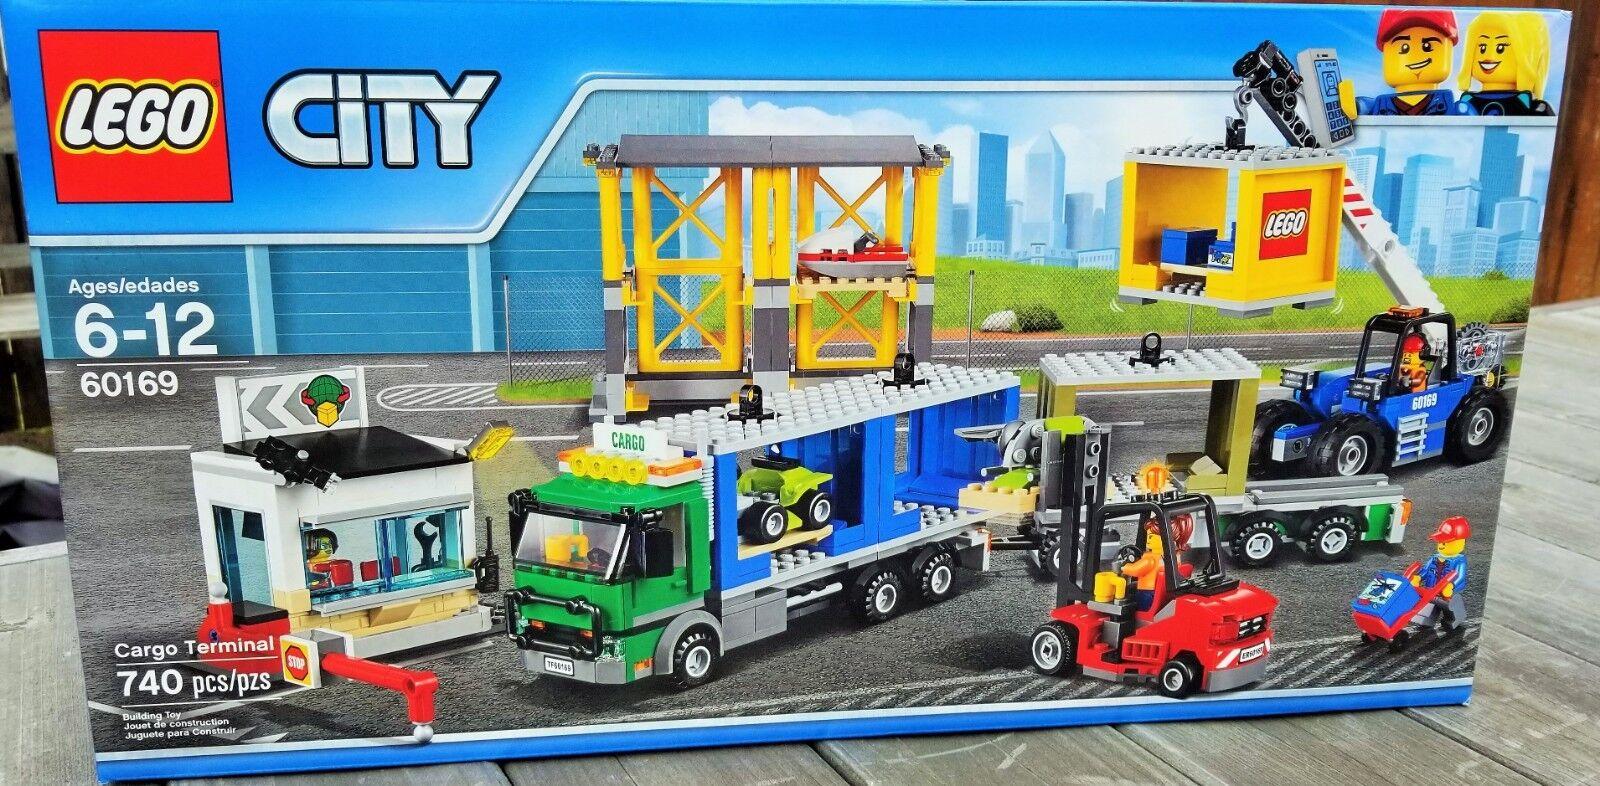 LEGO LEGO LEGO City Cargo Terminal Building Set, 60140    740 Pieces Brand New    f7cd08